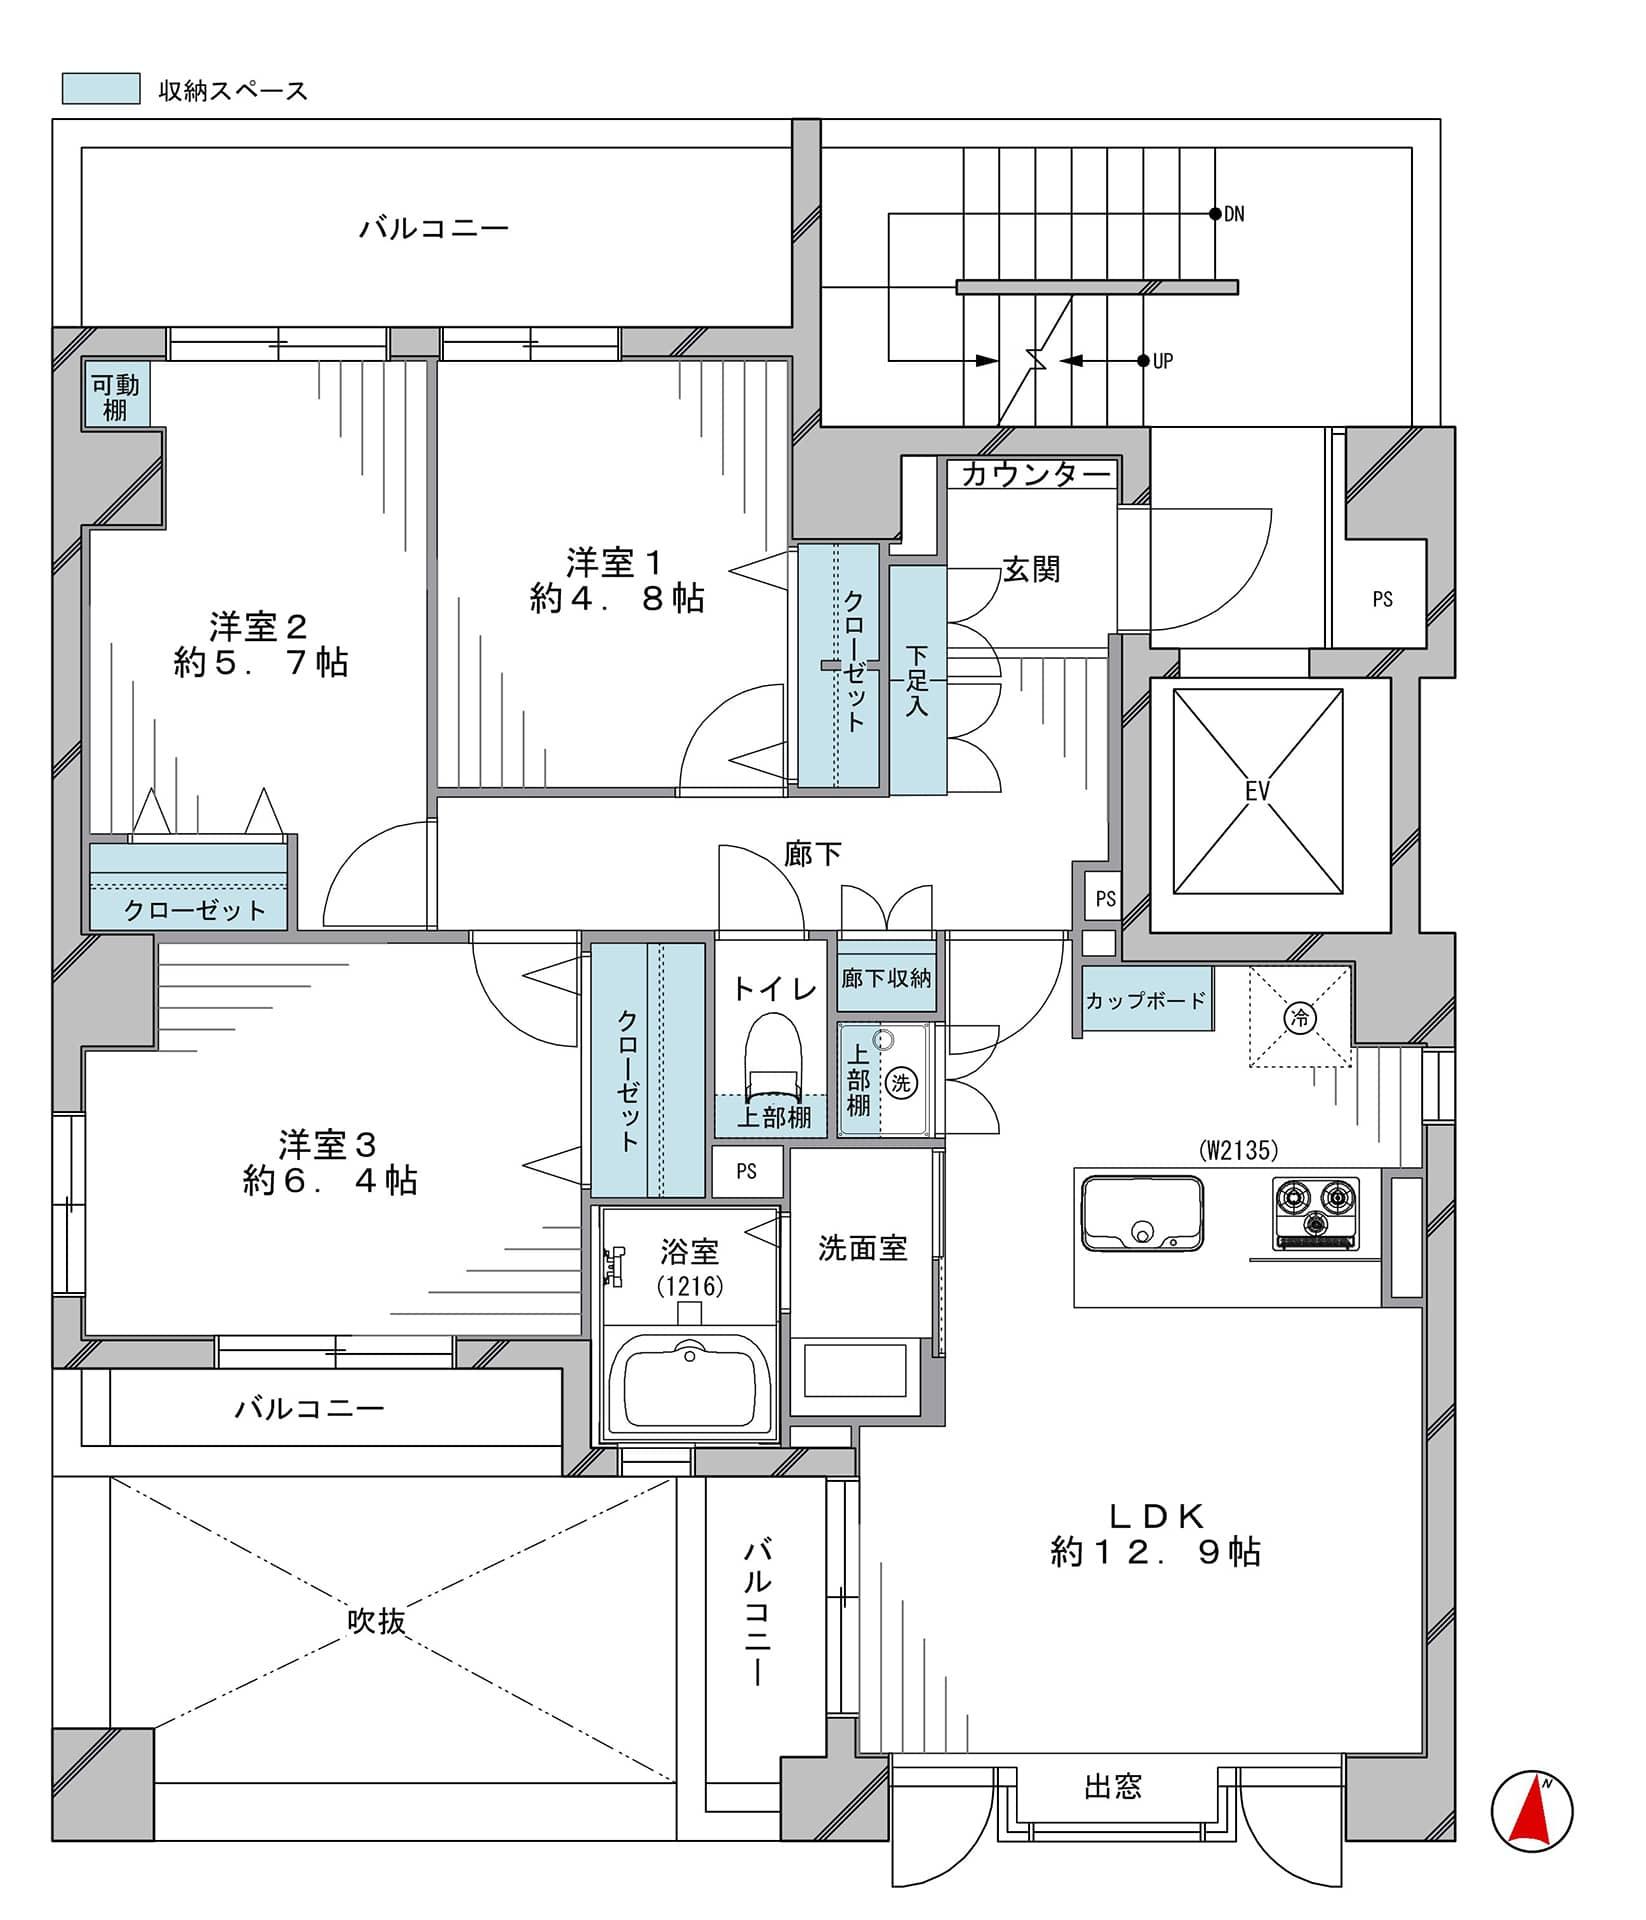 錦糸町 ワンフロアに1住戸のプライベート空間